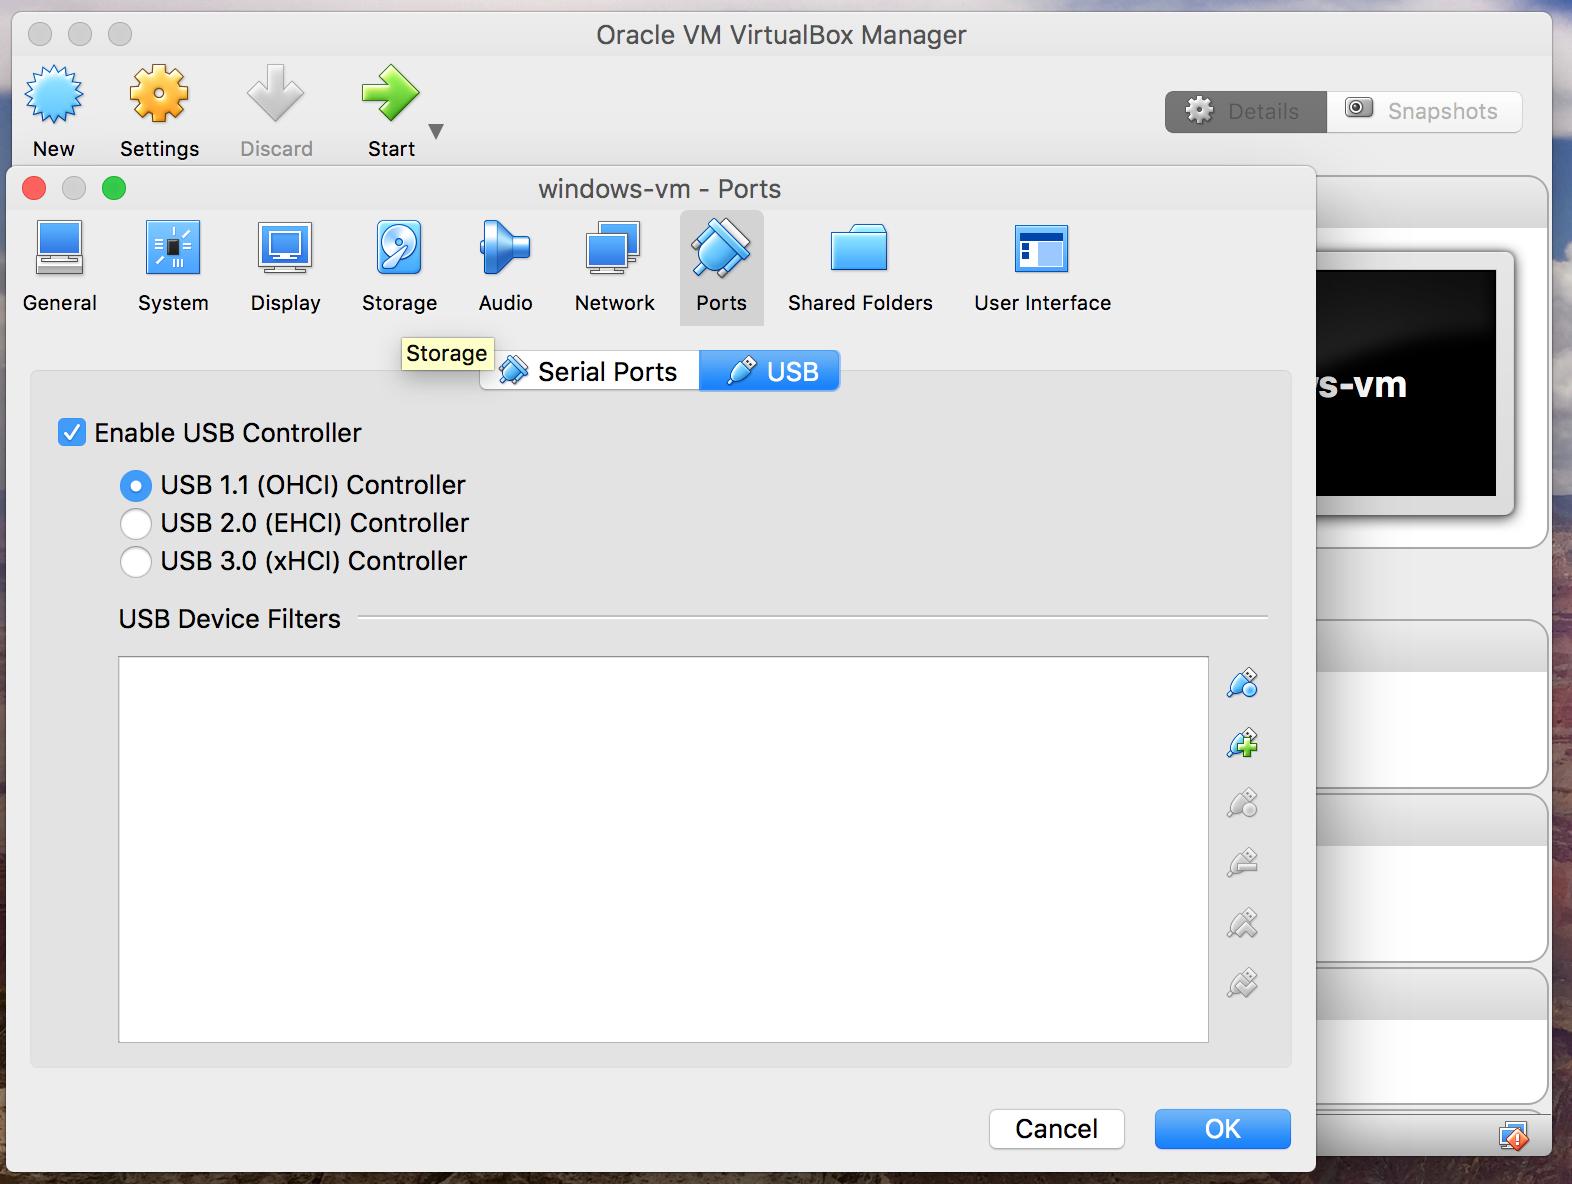 Как сделать снапшоты в virtualbox